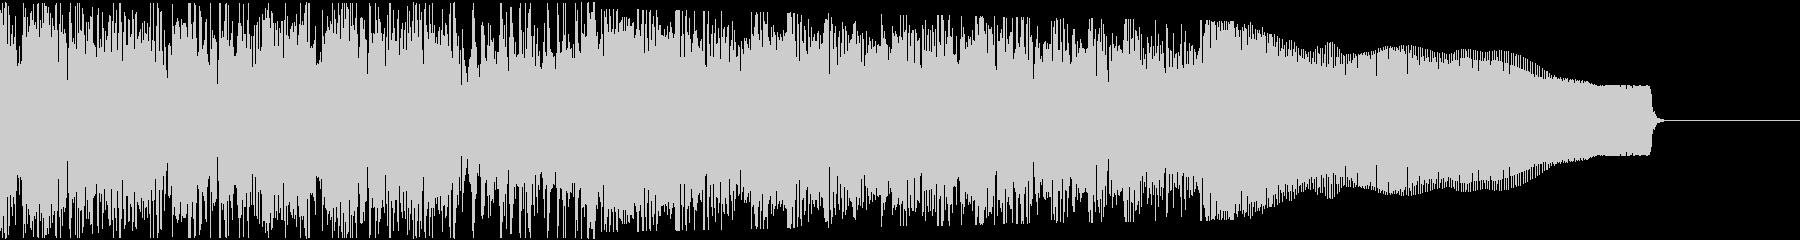 カントリー風ギターイントロ−06Fの未再生の波形